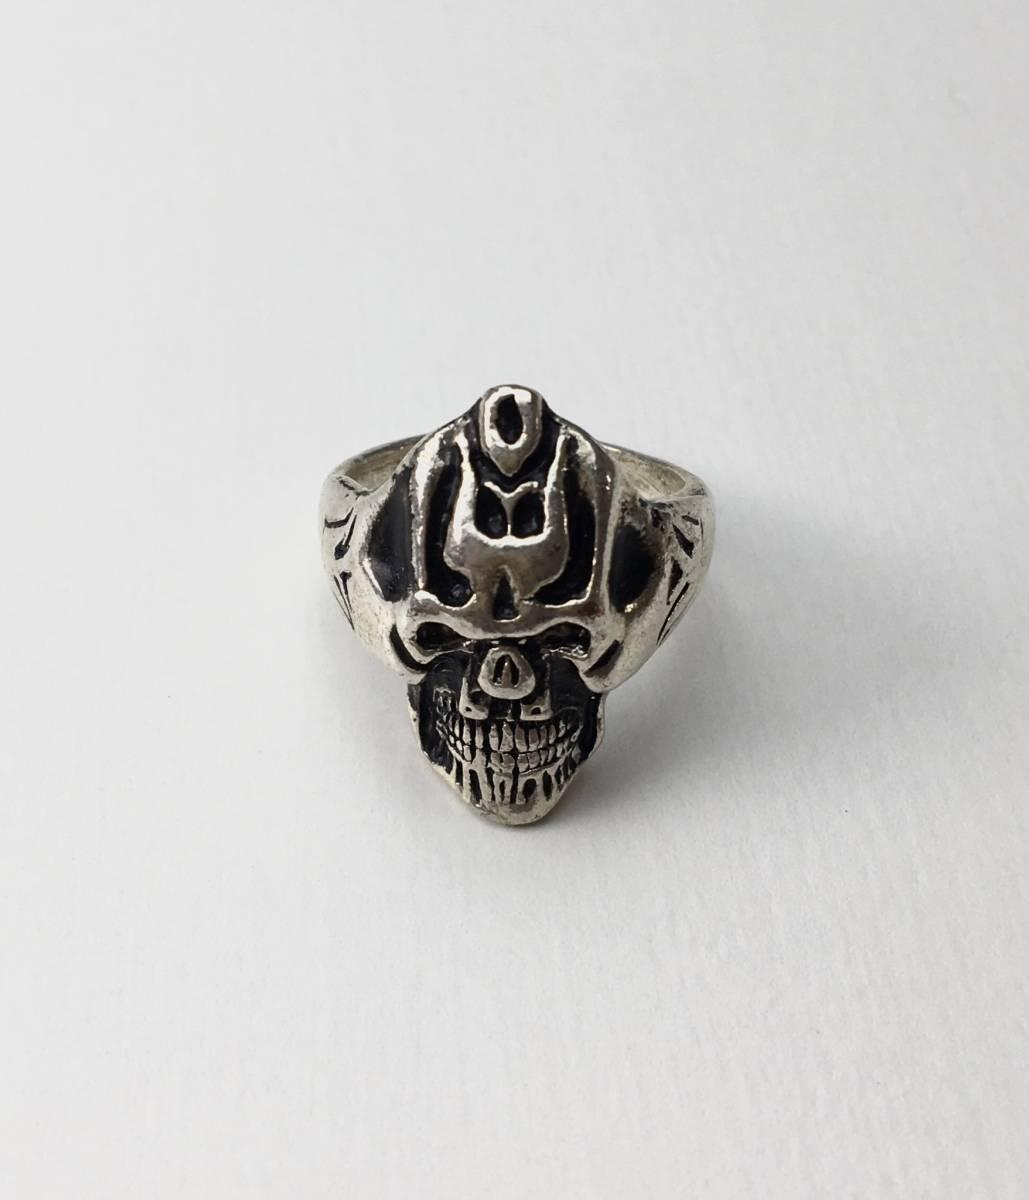 スカル リング 指輪 髑髏 ドクロ 骸骨 ガイコツ SKULL シルバーアクセサリー アンティーク アメリカ USA 雑貨 ヴィンテージ vintage 9_画像1